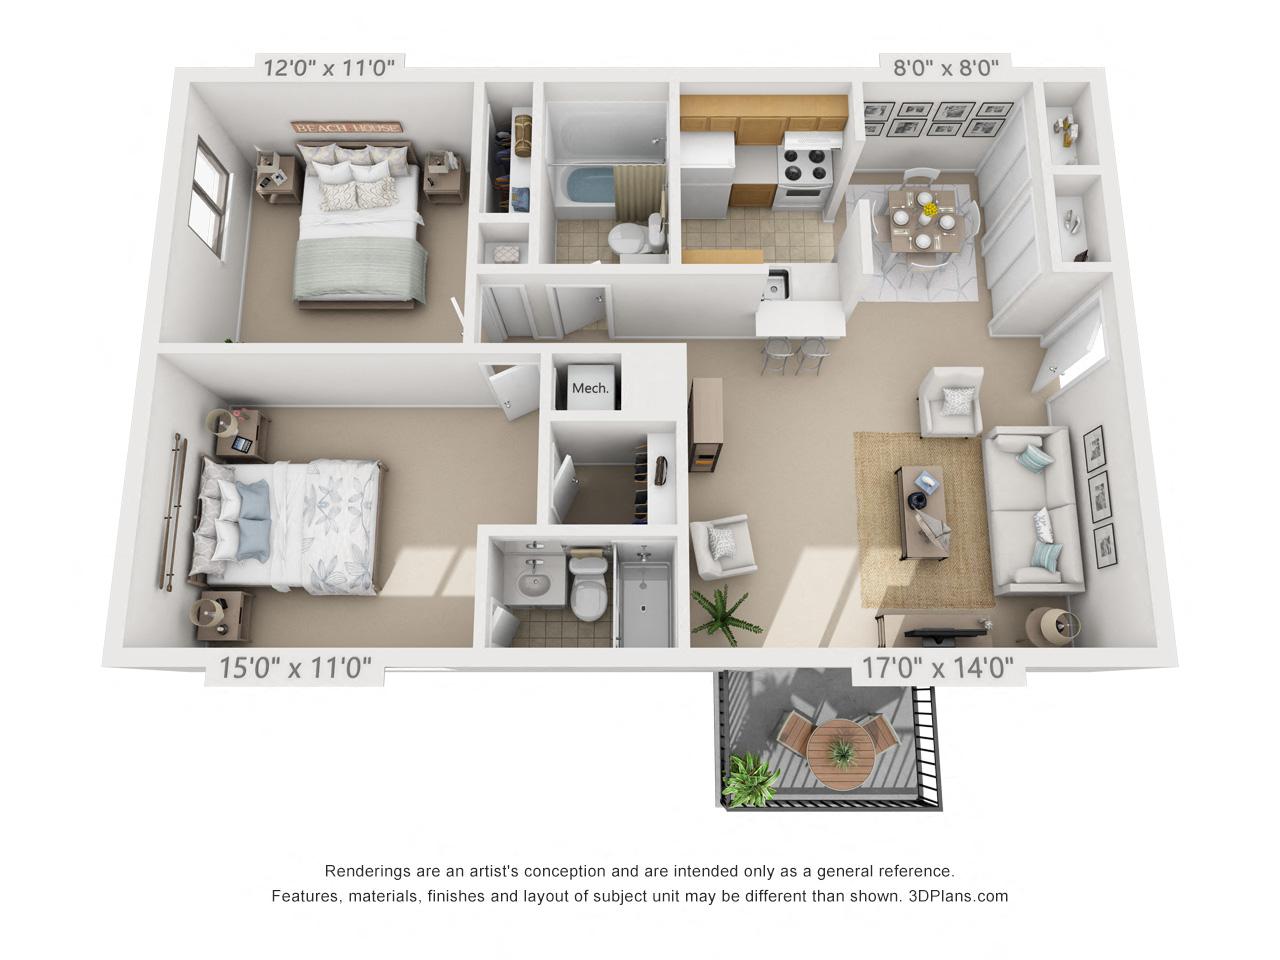 2 Bedroom, 2 Bath (Balcony/Courtyard View) Floor Plan 13